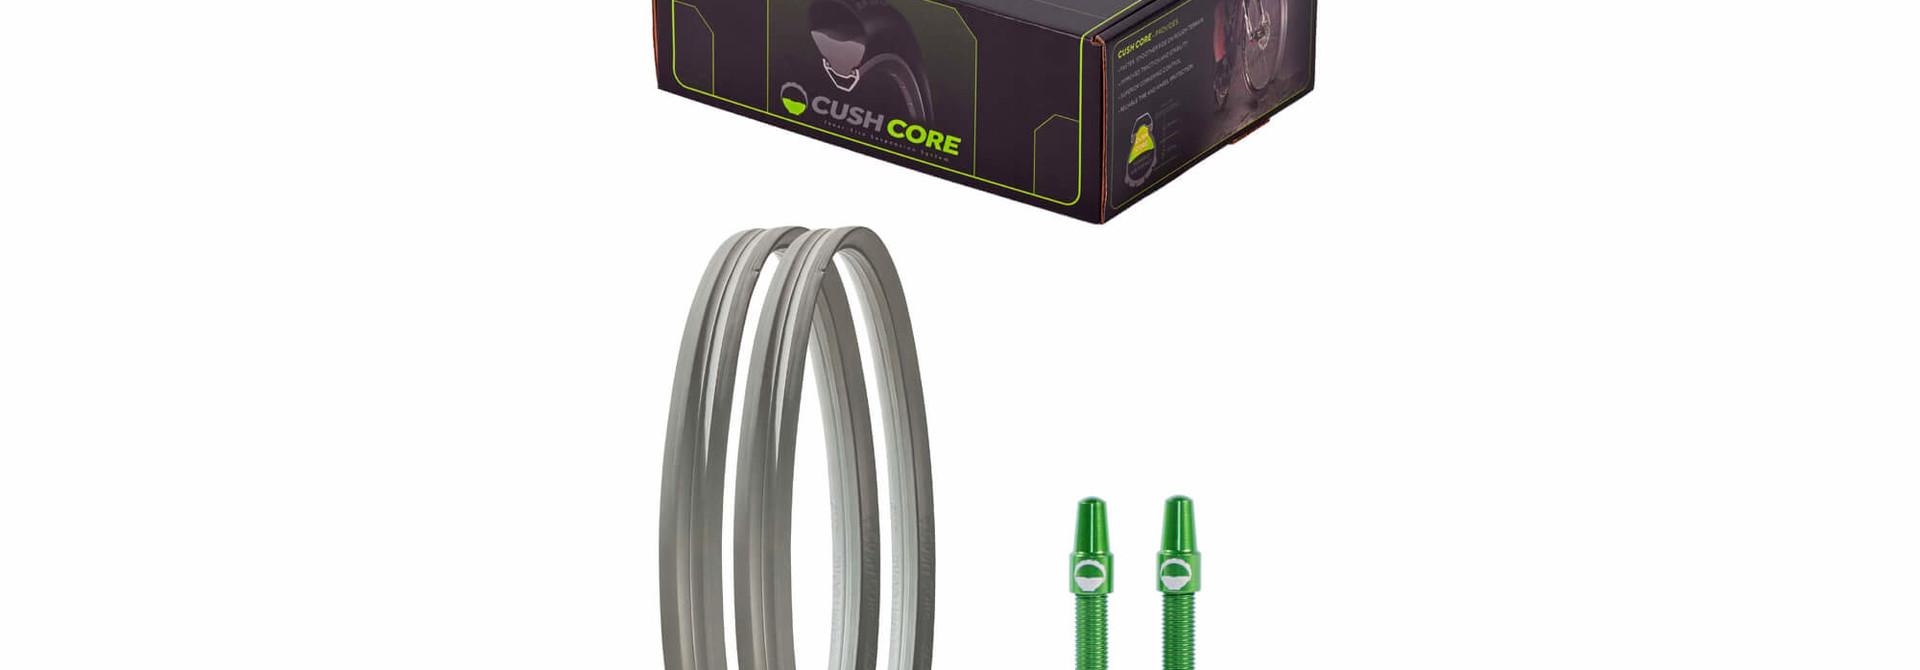 Cush Core Pro